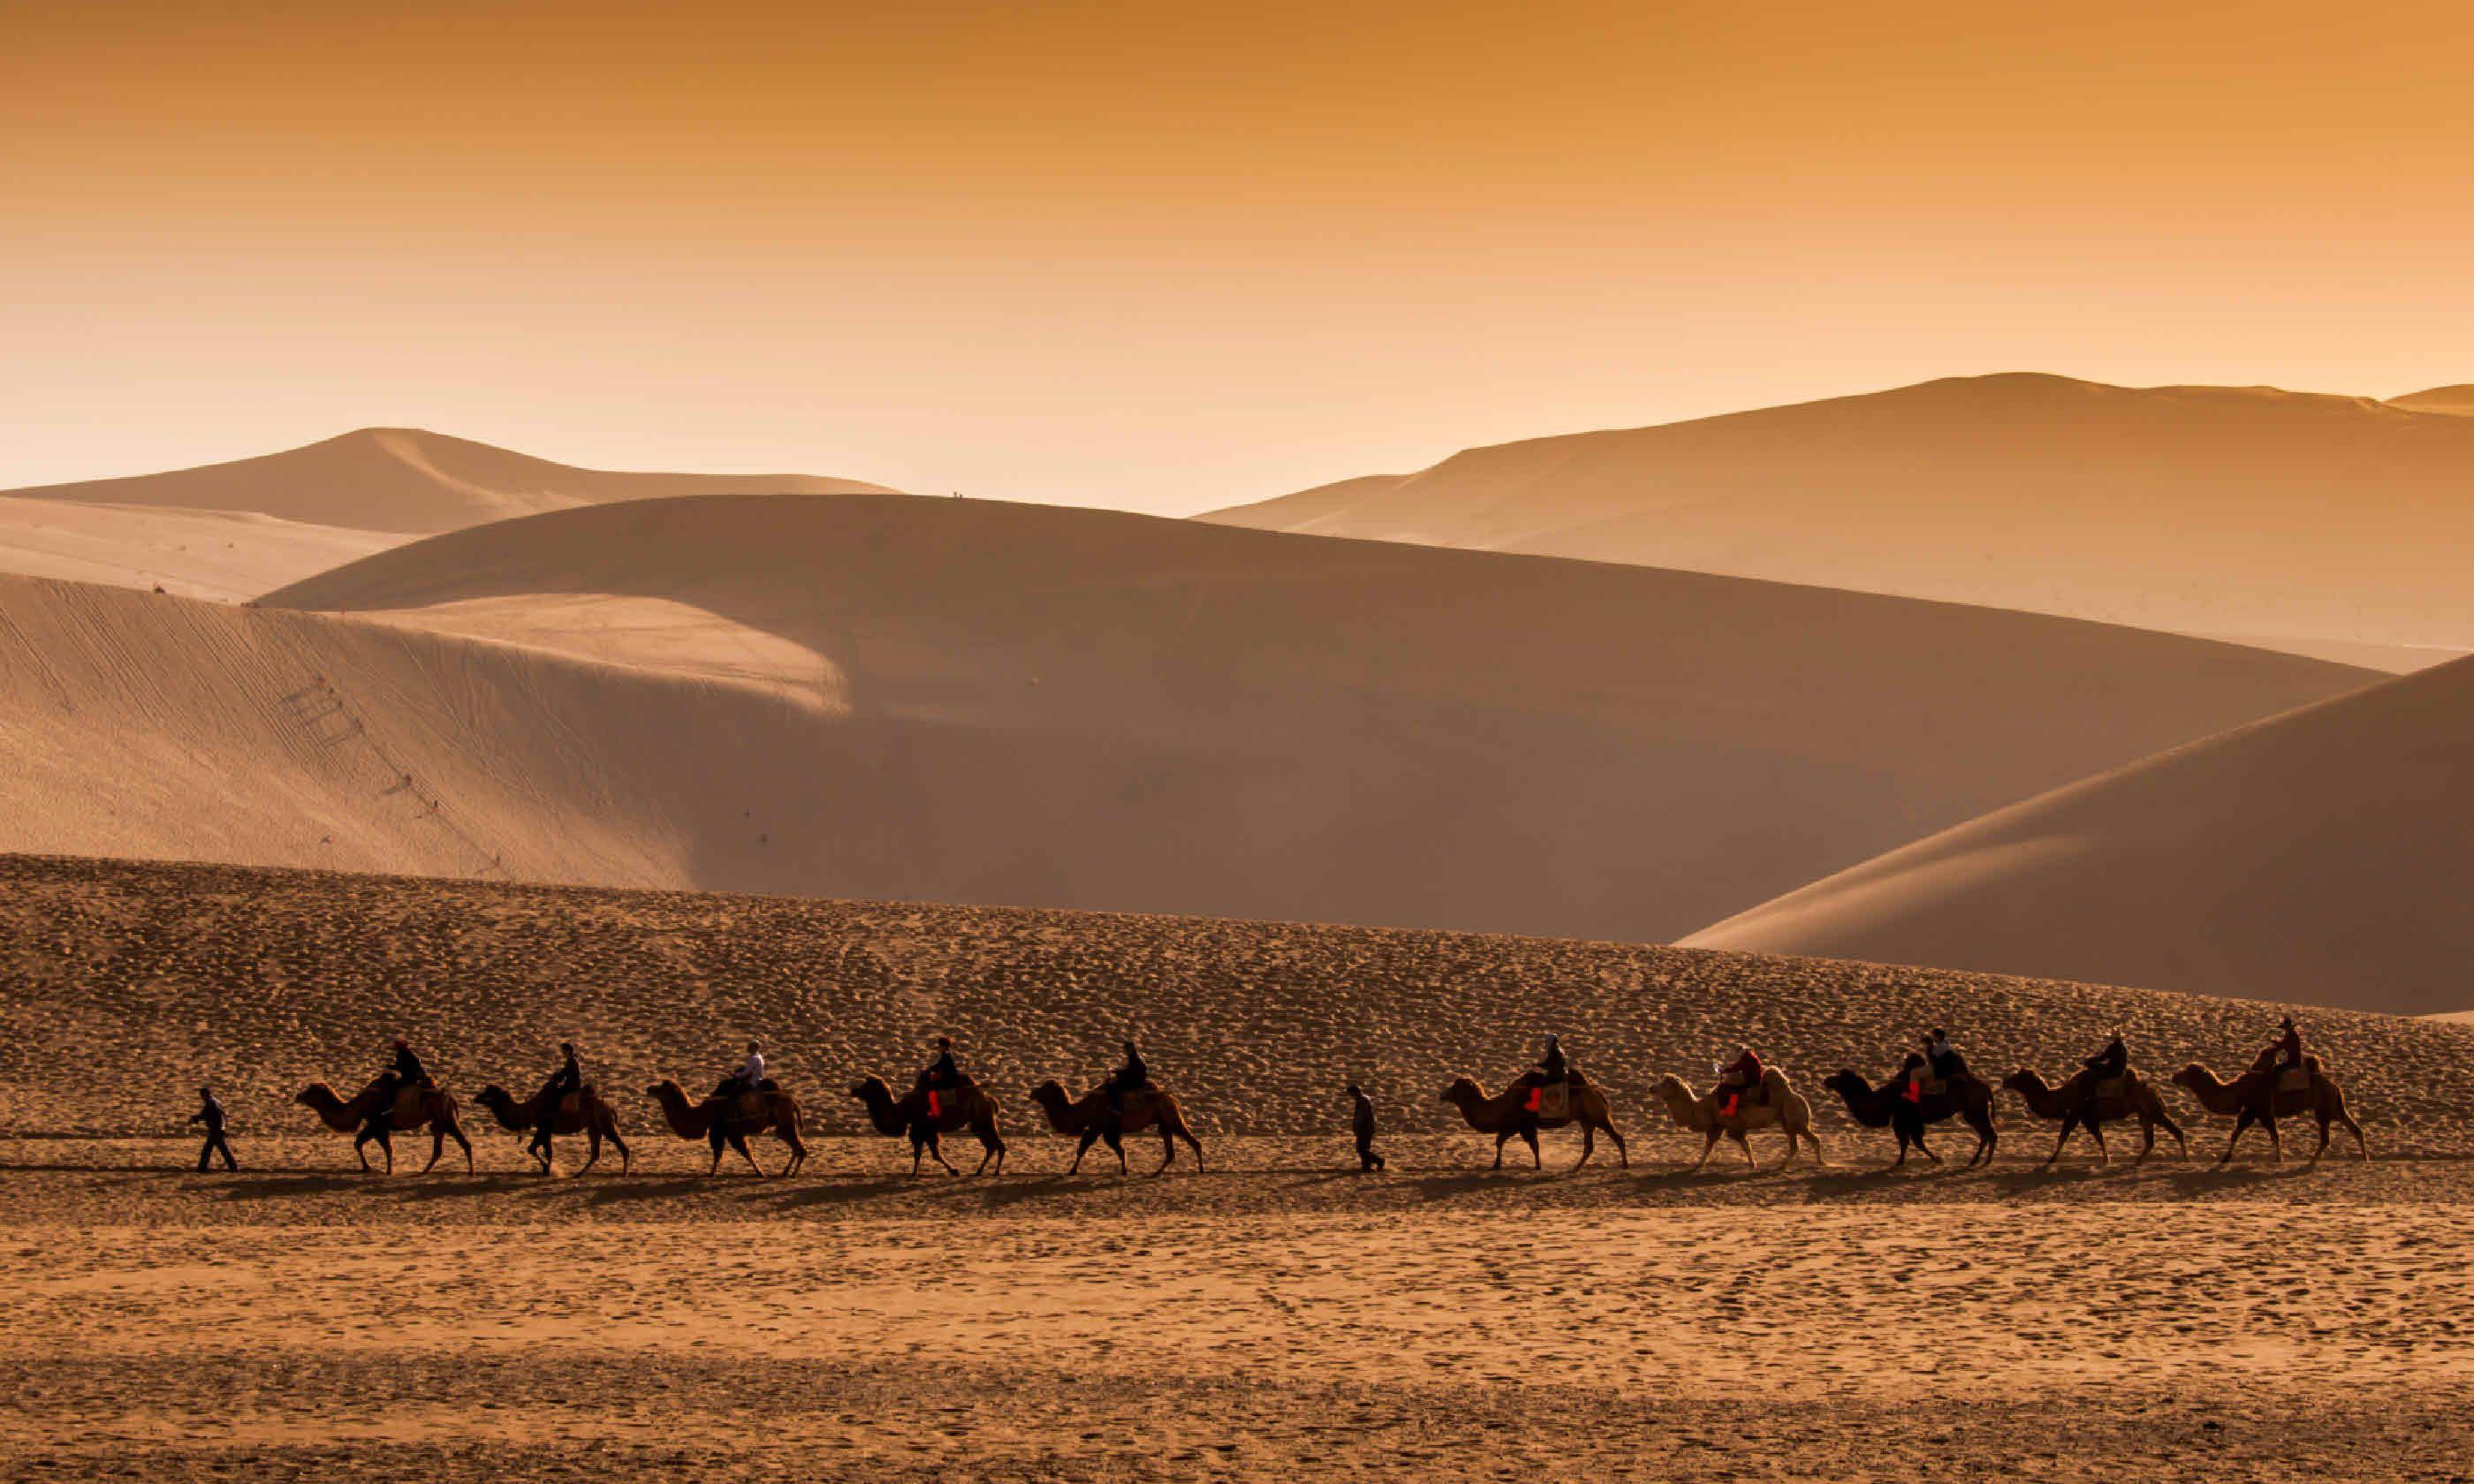 Dunhuang, China (Shutterstock)